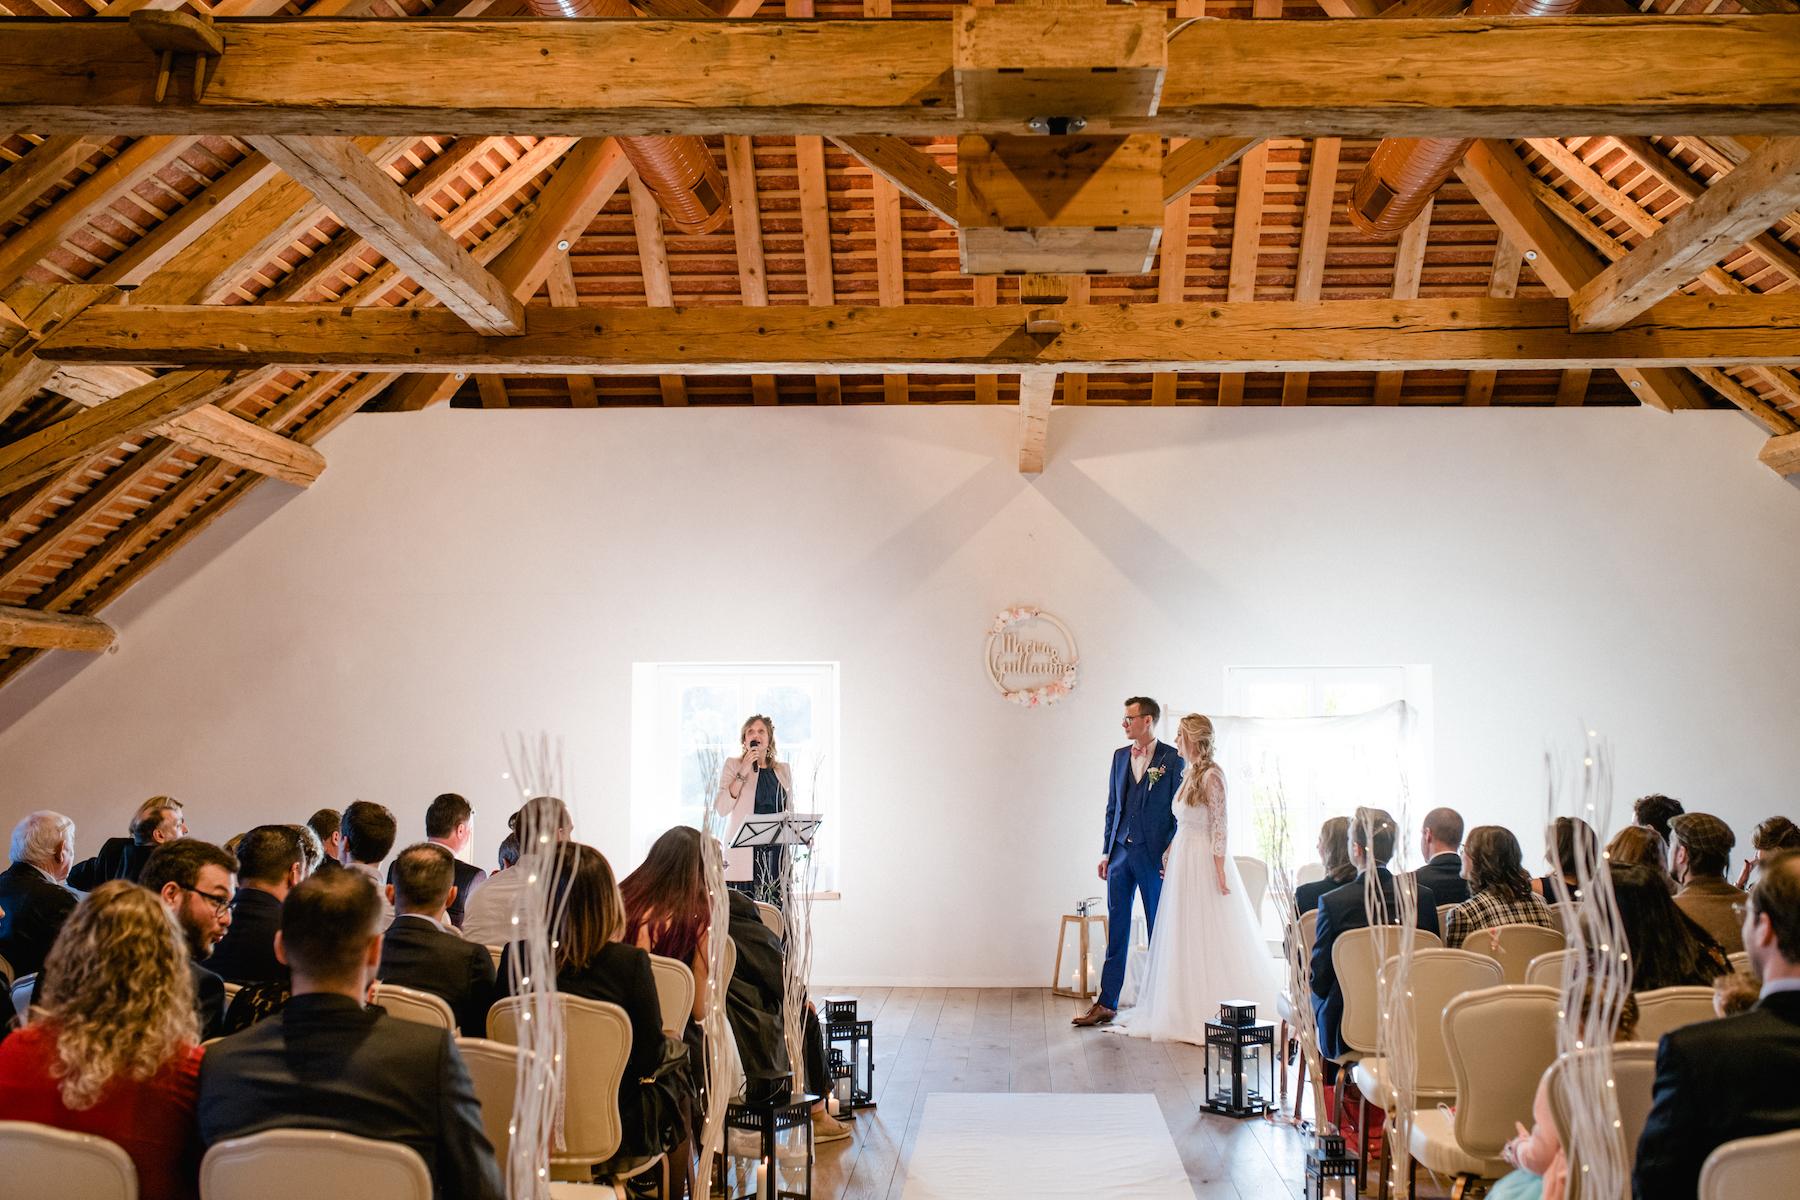 Christelle Naville photographie 300 - Quelle cérémonie choisir pour son mariage?